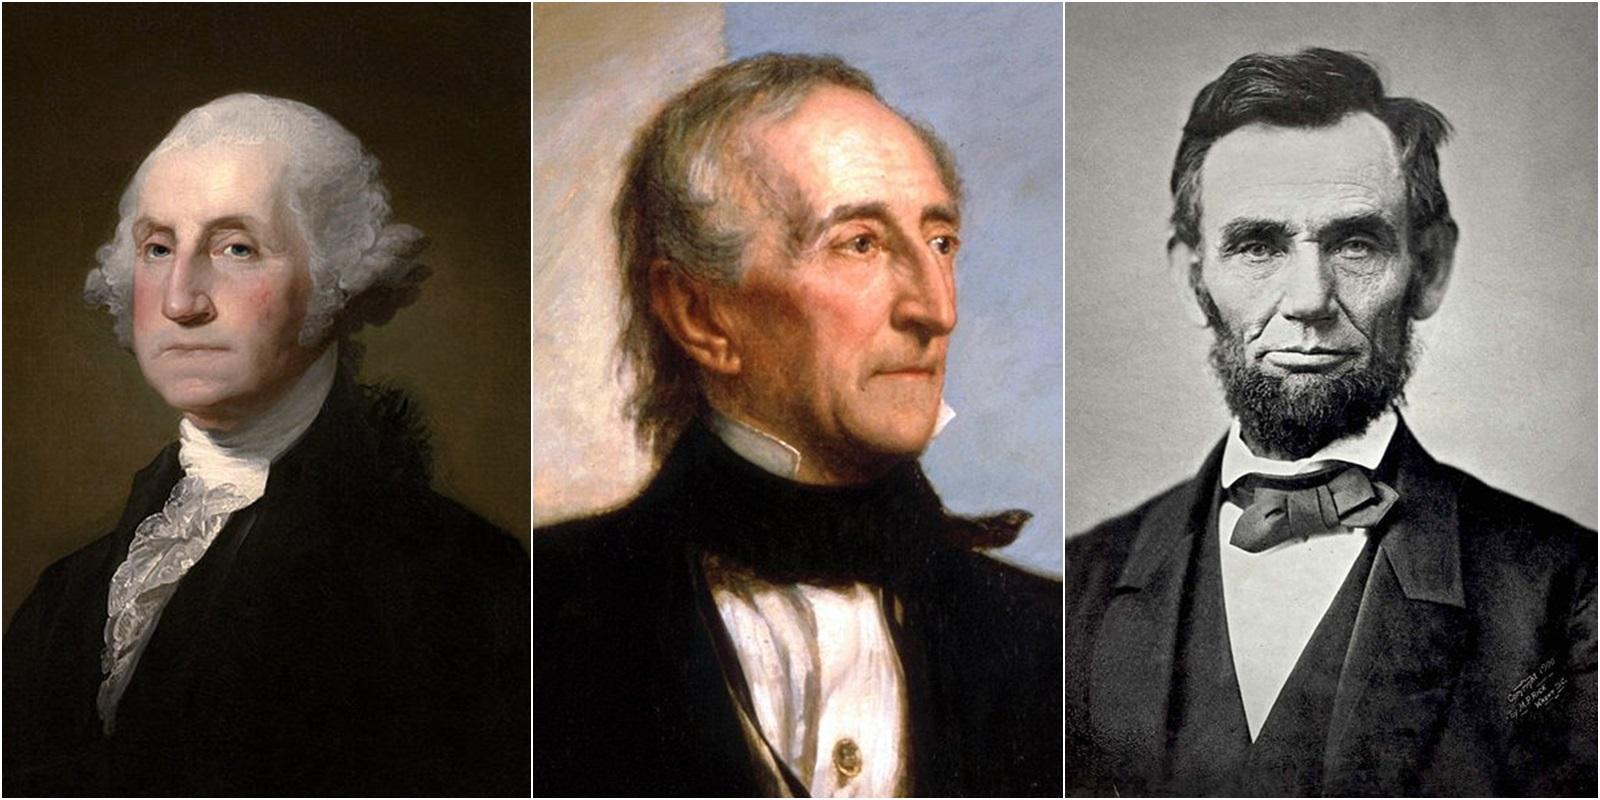 บุคคลประวัติศาสตร์ ประธานาธิบดี ประธานาธิบดีสหรัฐอเมริกา สหรัฐอเมริกา